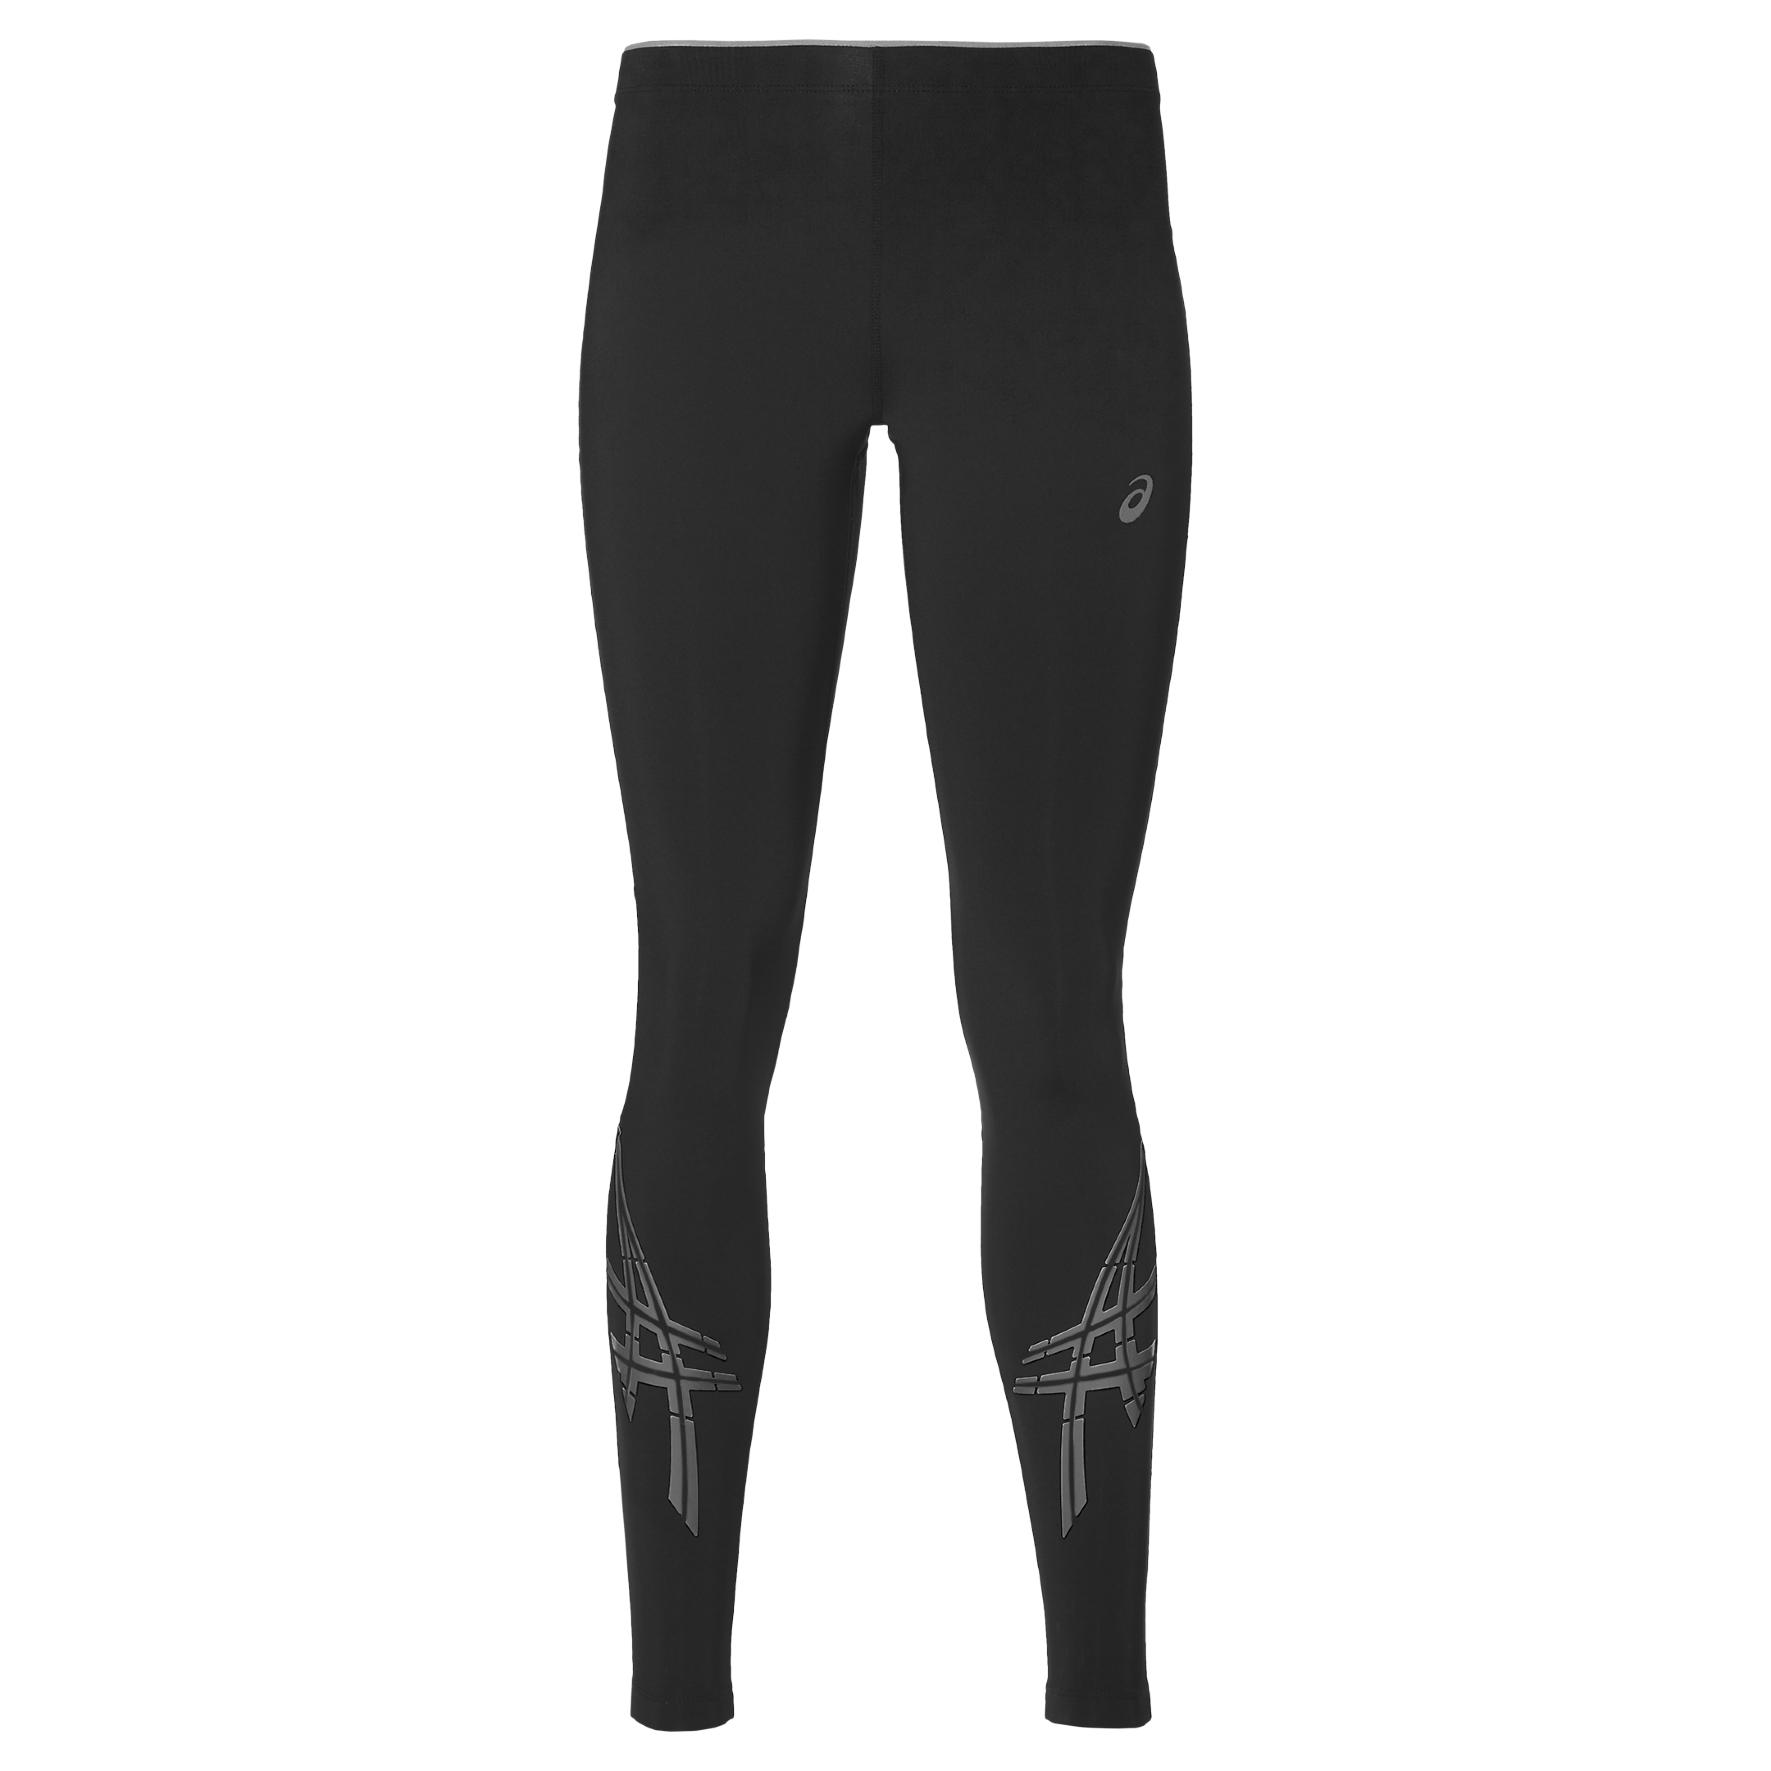 Купить Тайтсы Беговые Asics 2017 Asics Stripe Tight Черный, женский, Одежда для бега и фитнеса